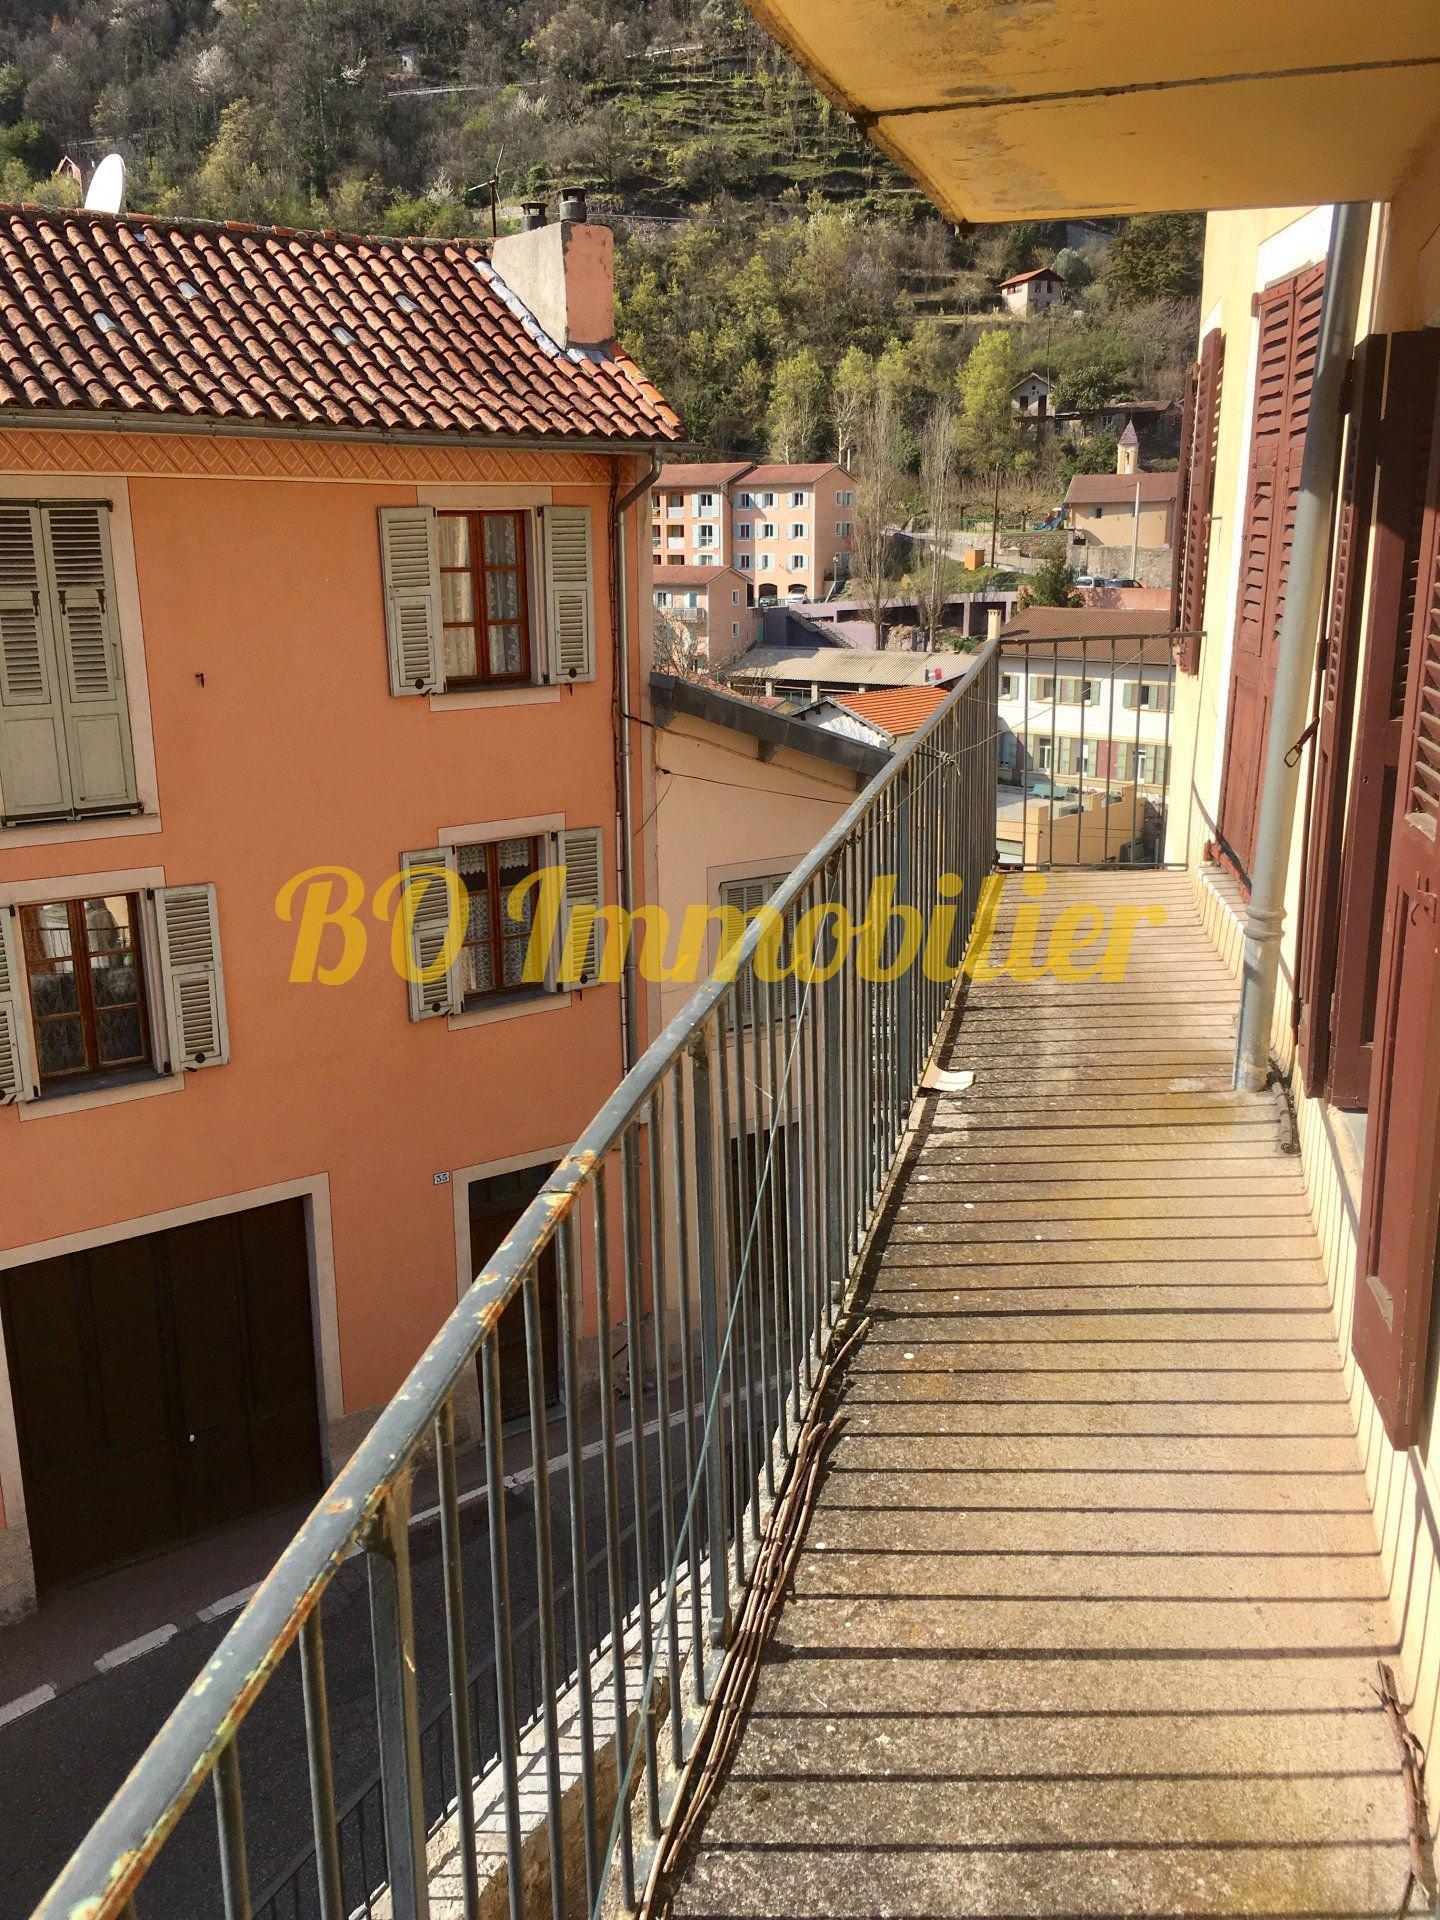 Appartement 2 pièces de 50m² en duplex avec vue dégagée sur les montagnes + Balcon